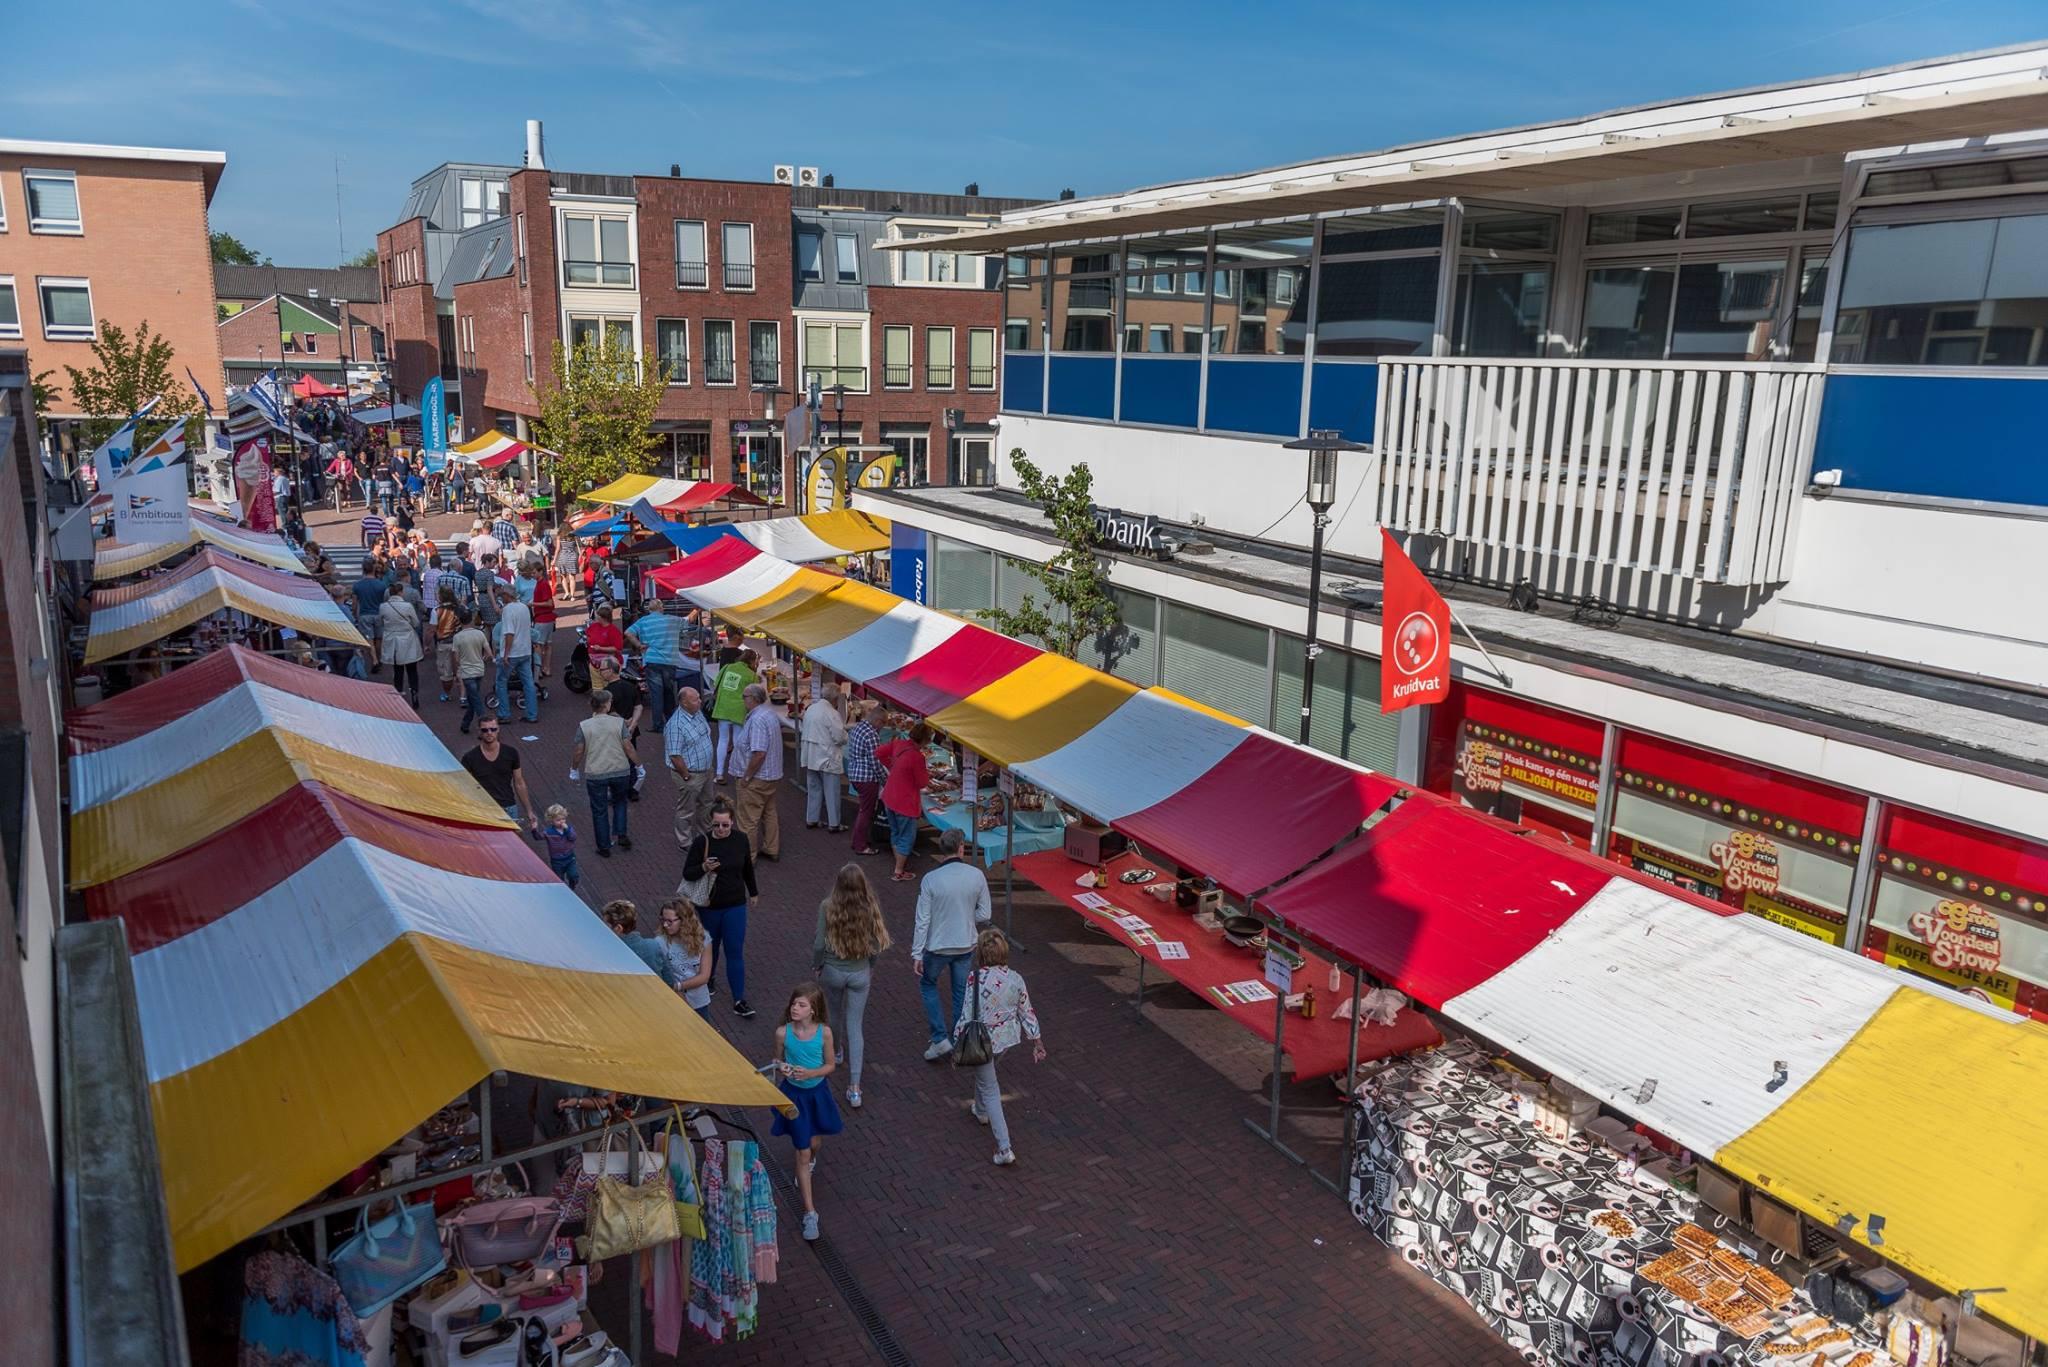 Diverse marktkramen in het centrum van Landsmeer. (Foto: aangeleverd)